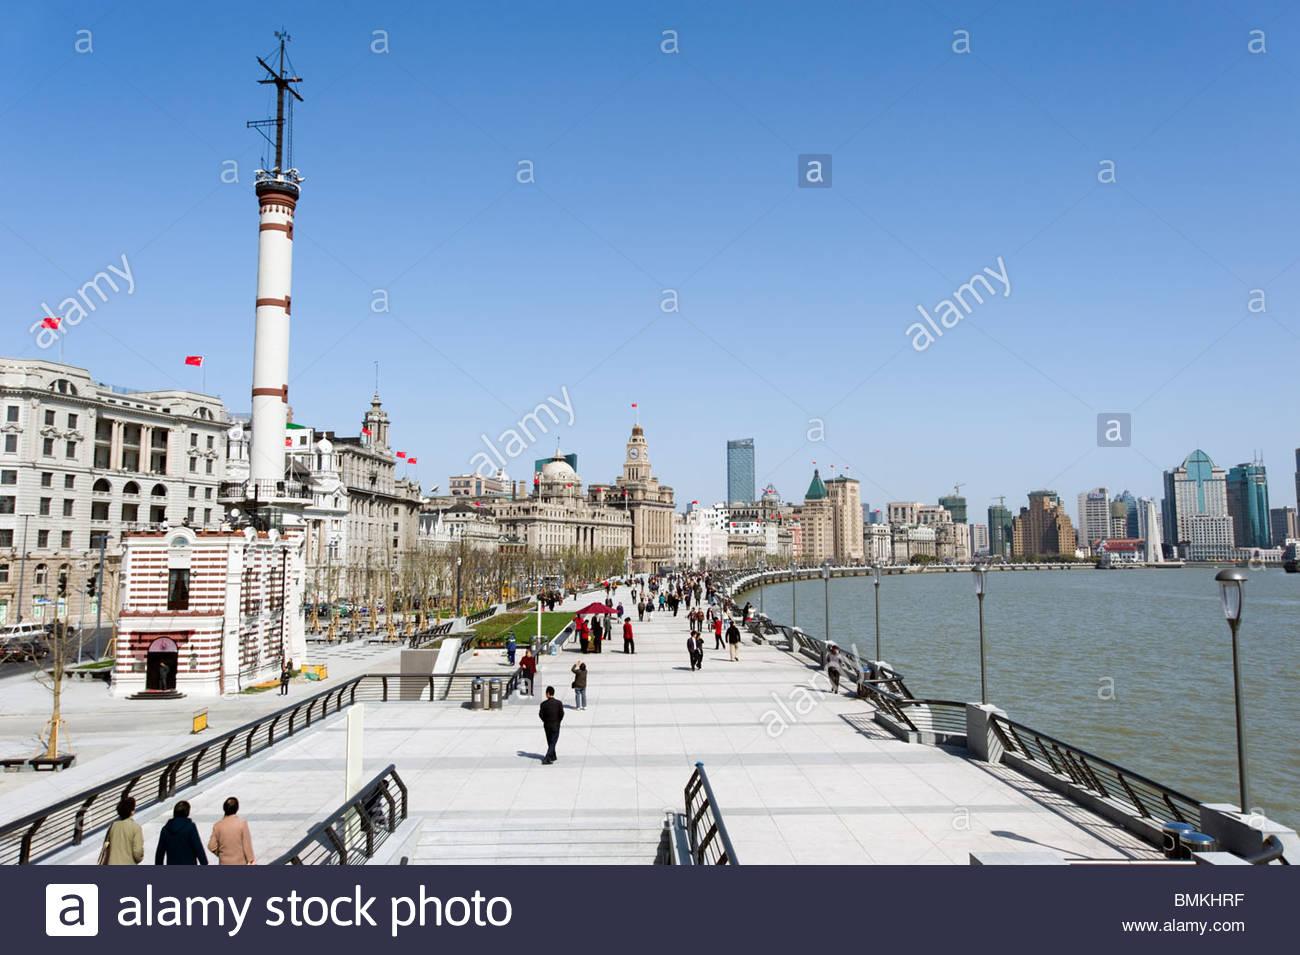 The Bund promenade, Shanghai, China - Stock Image